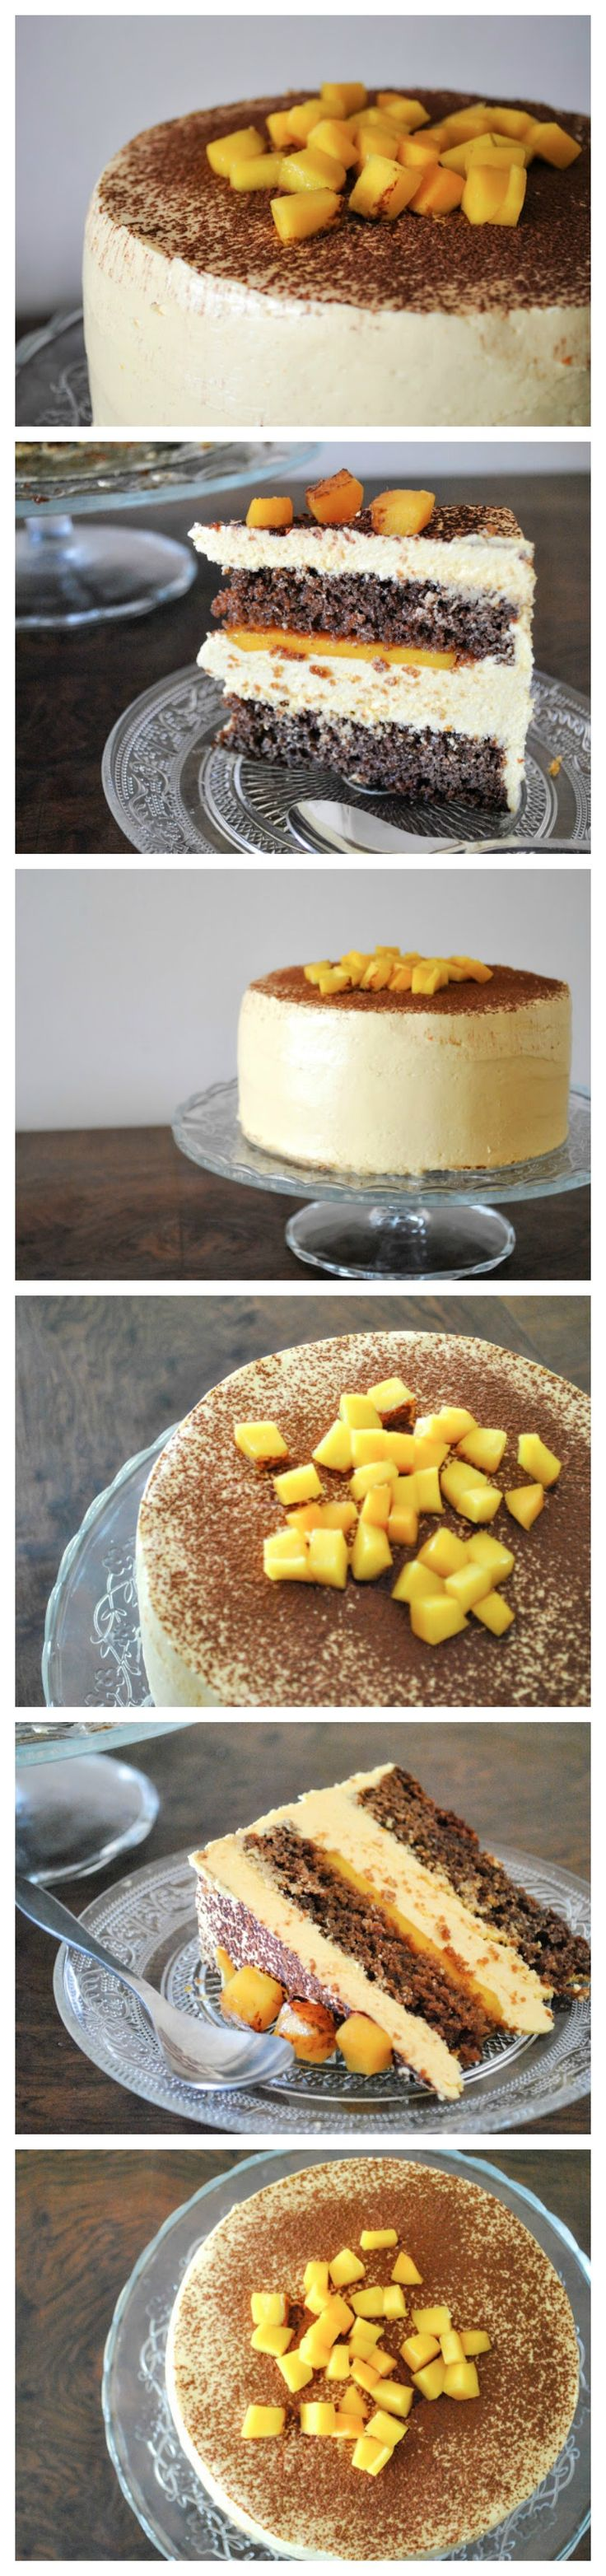 Tarta de chocolate, mango y amaretto | Pecados de Reposteria